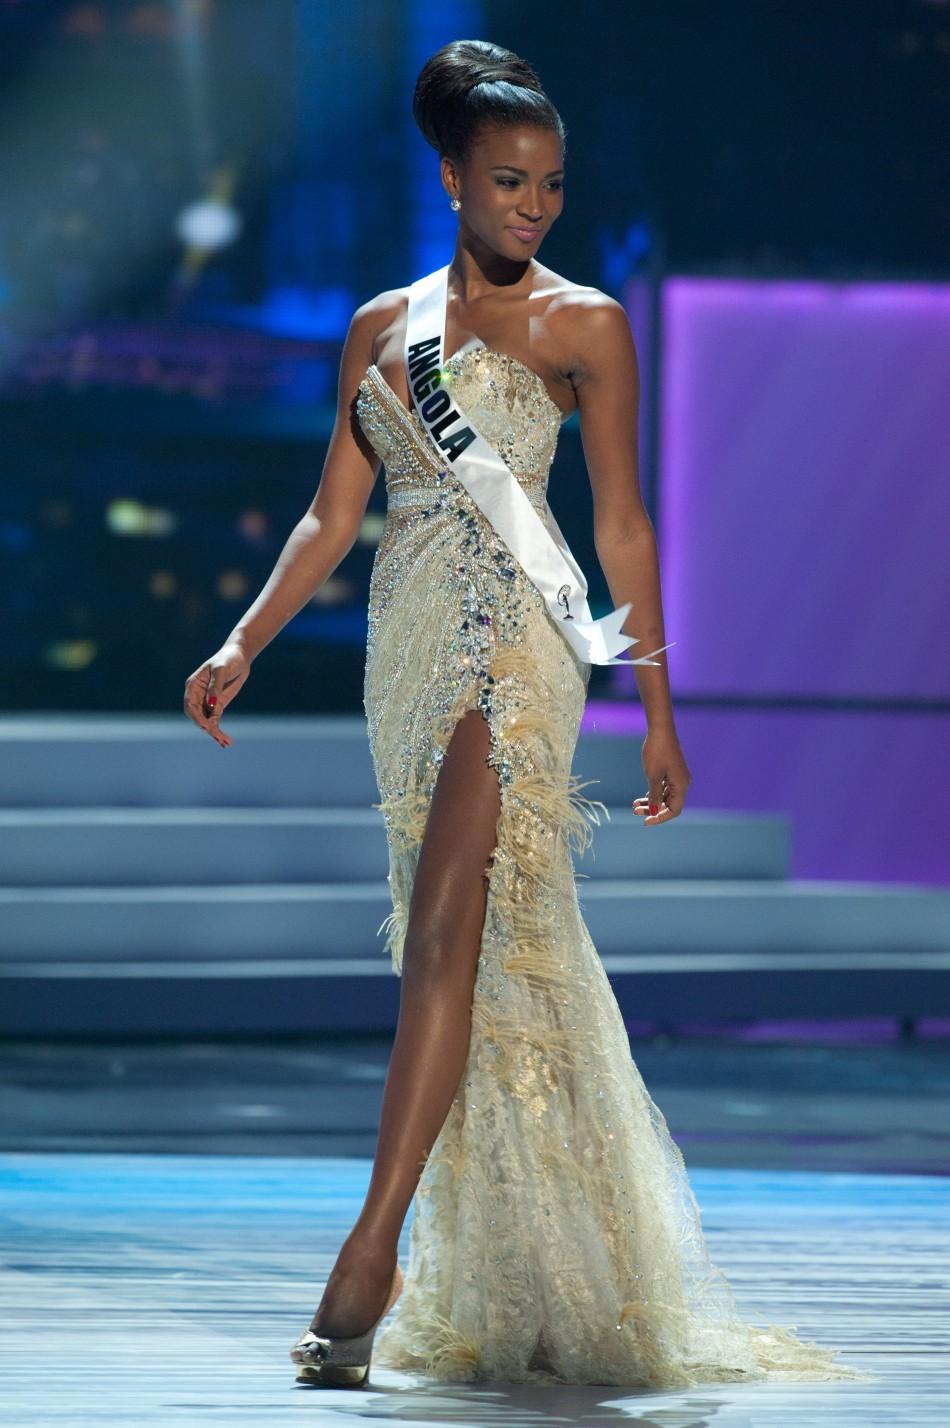 http://3.bp.blogspot.com/-xcqtqGI-qJ8/Tm_z0T0_8jI/AAAAAAAAOlc/okl4HaR6fSE/s1600/Leila-Lopes_Miss-Universo-2011_03.jpg